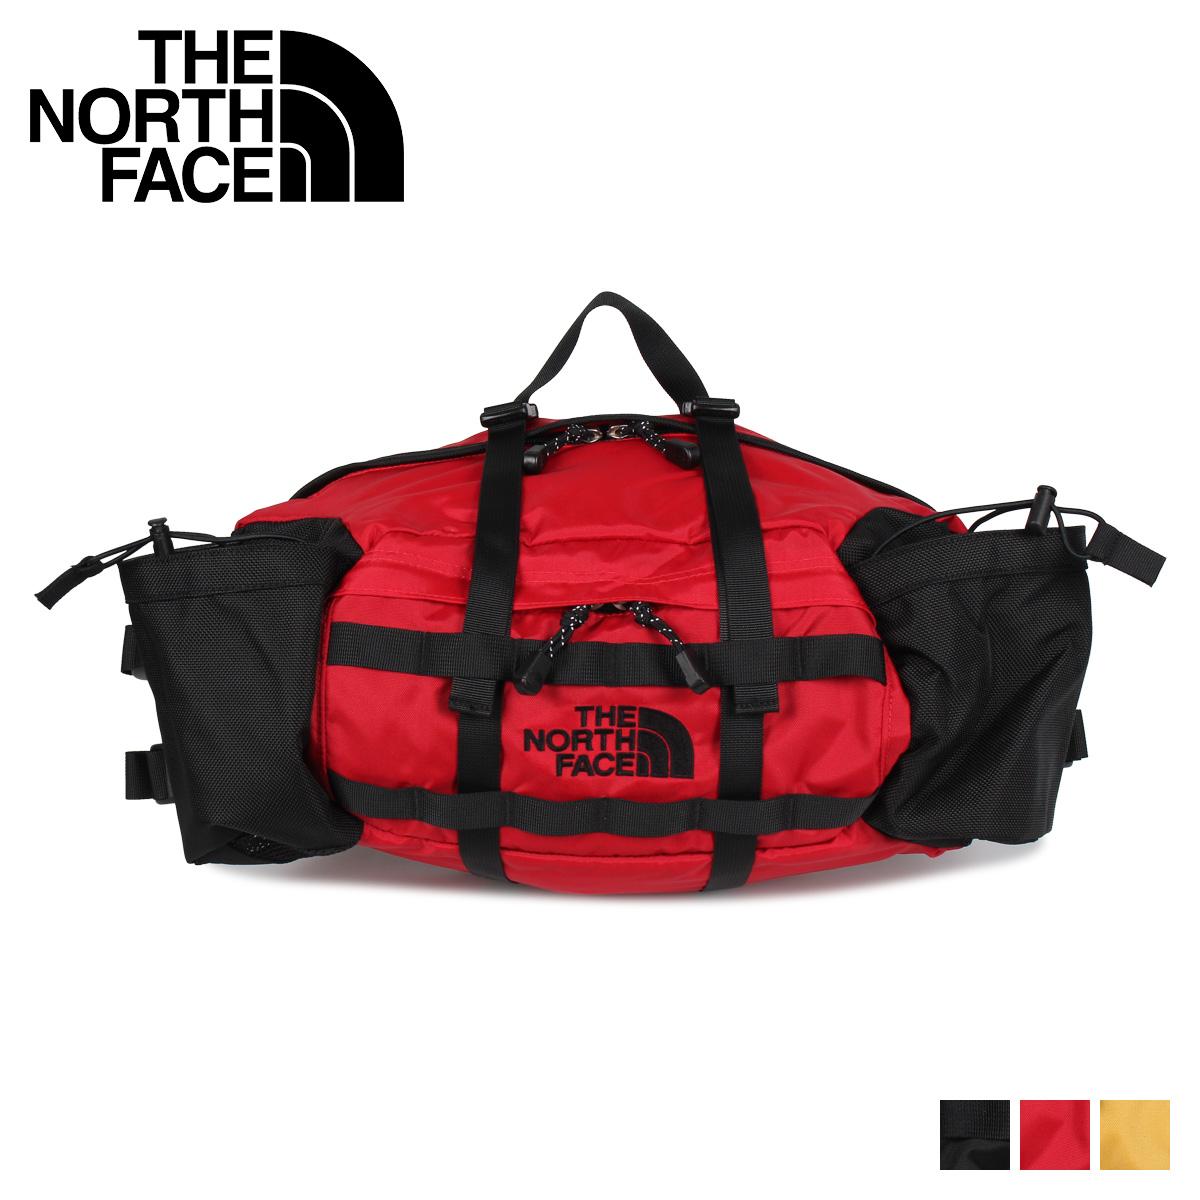 THE NORTH FACE DAY HIKER LUMBAR PACK ノースフェイス バッグ ウエストバッグ ボディバッグ デイ ハイカー ランバーパック メンズ レディース 12L ブラック レッド イエロー 黒 NM71863